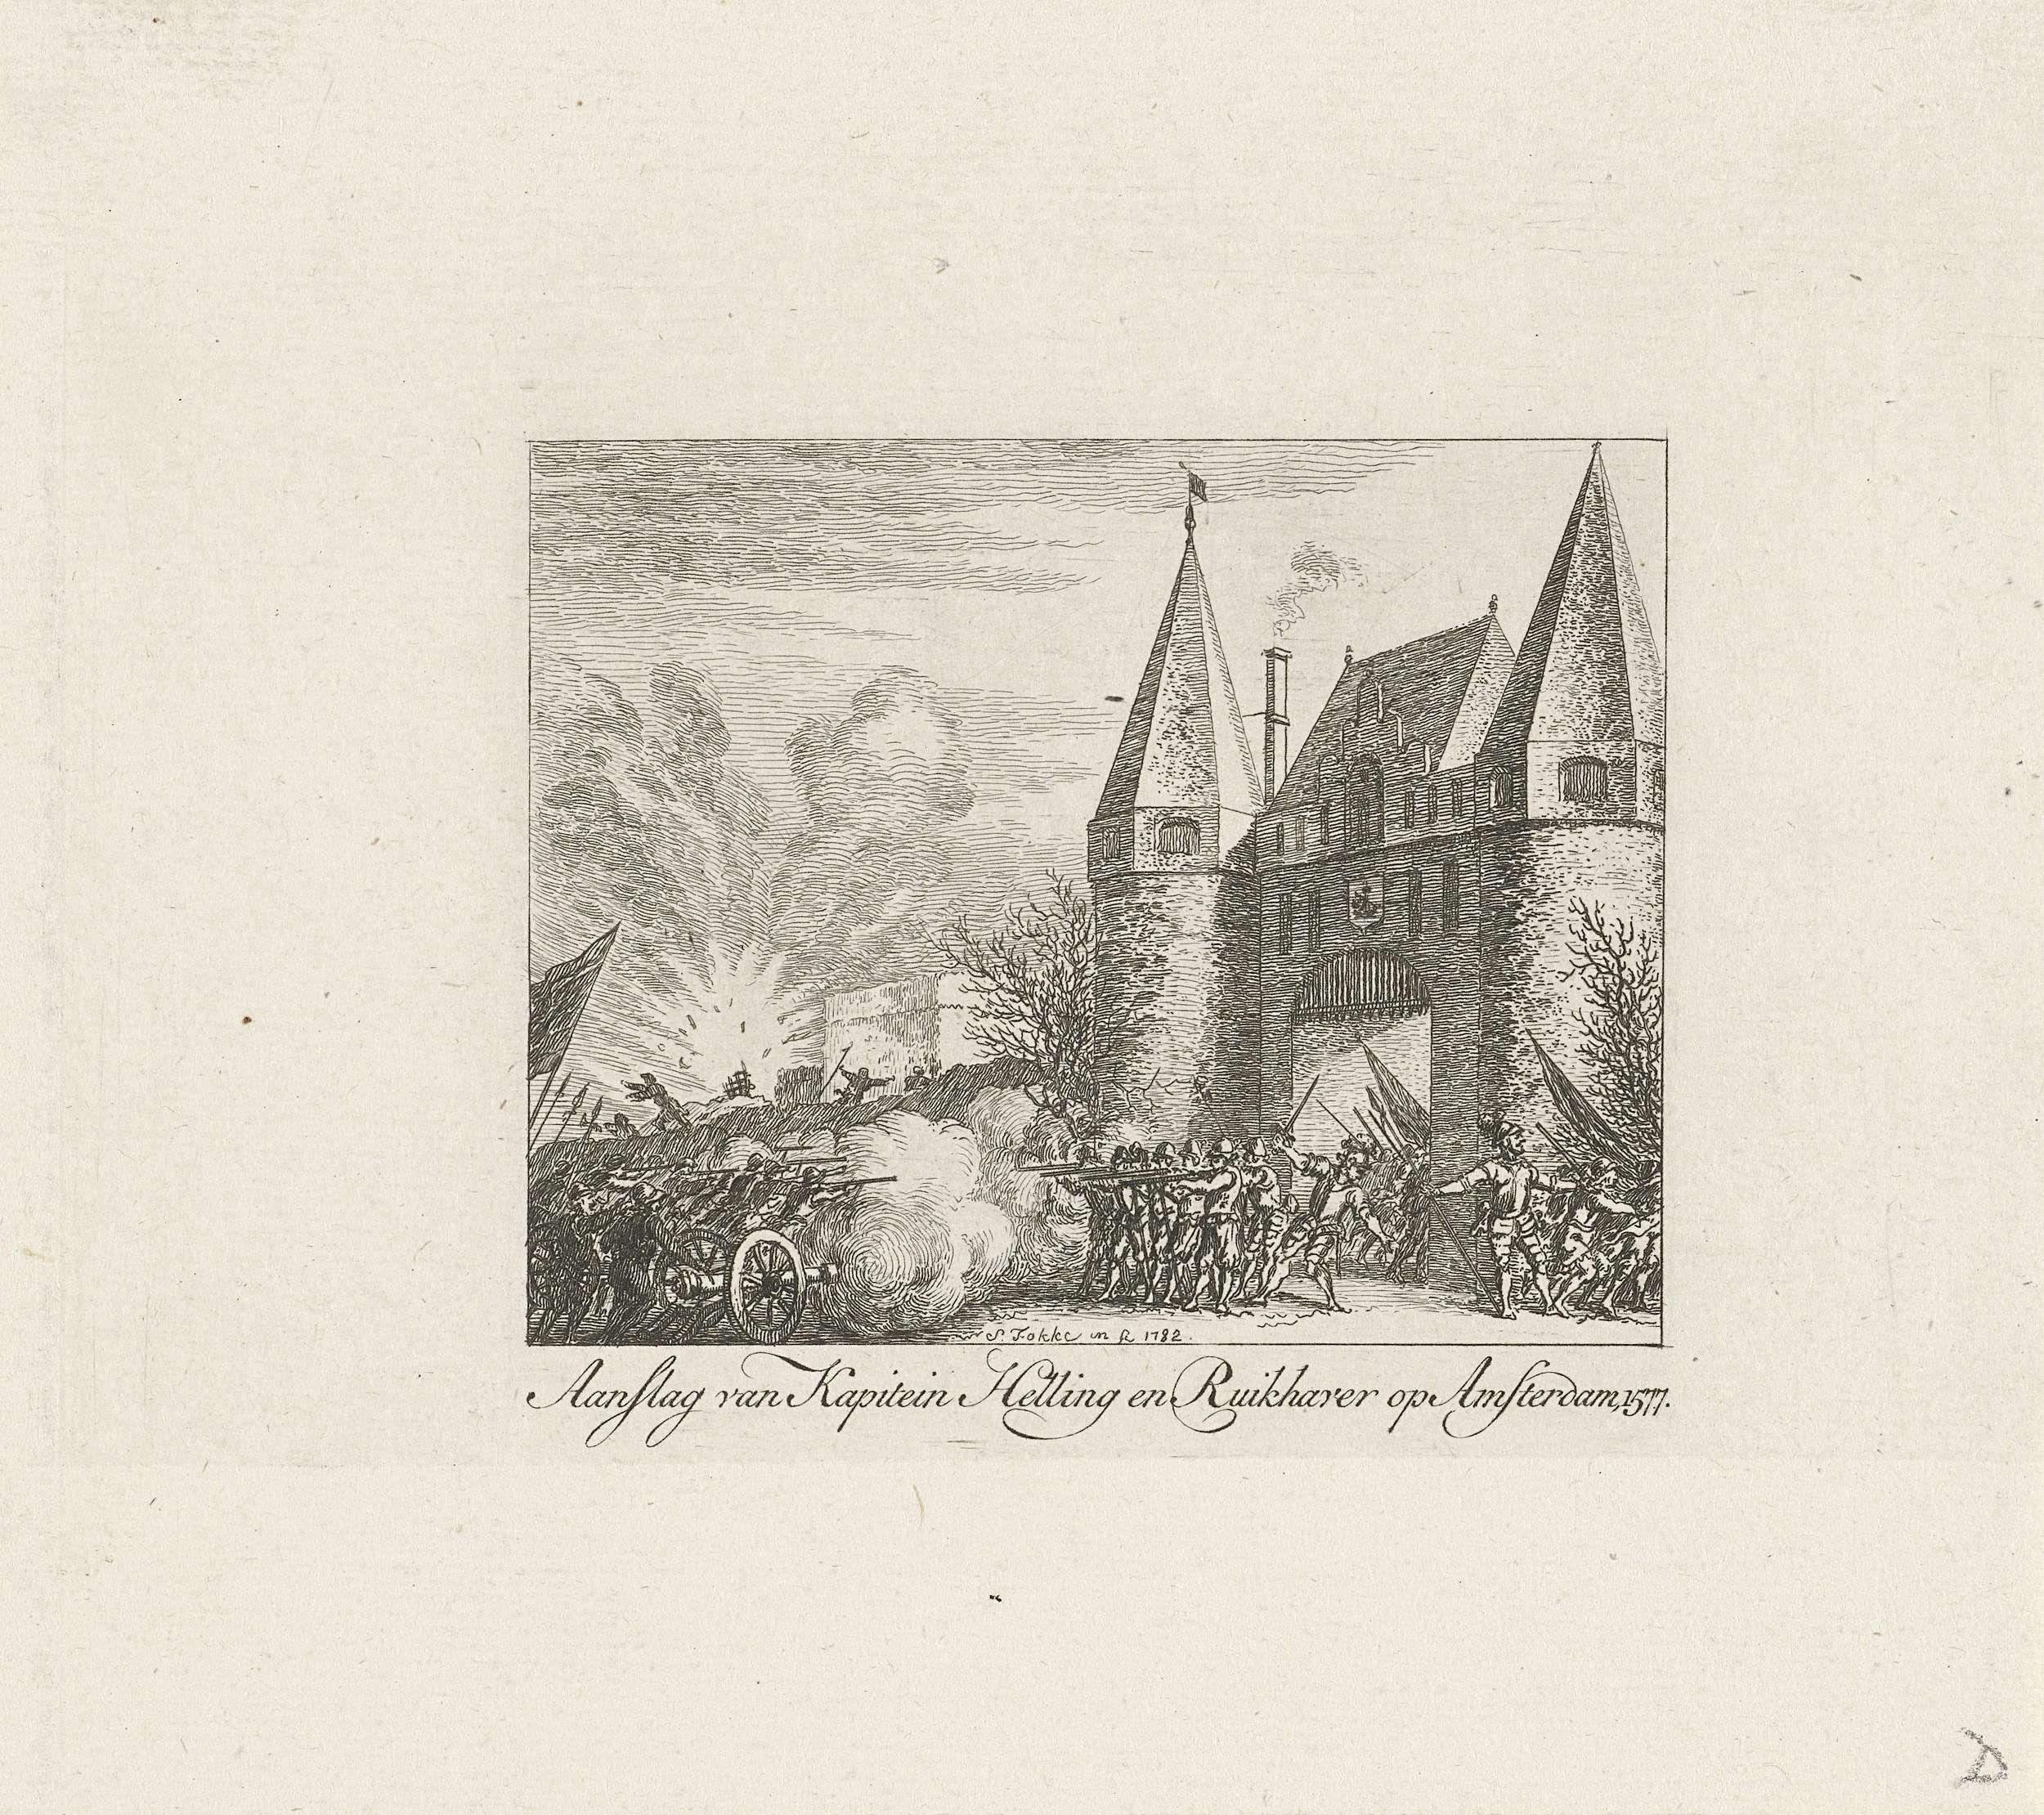 Simon Fokke | Aanslag onder bevel van kapitein Helling en Ruychaver op Amsterdam, 1577, Simon Fokke, 1782 | Poging van het Staatse leger onder bevel van kapitein Helling en Ruychaver om Amsterdam in te nemen. Felle gevechten bij de Haarlemmerpoort.